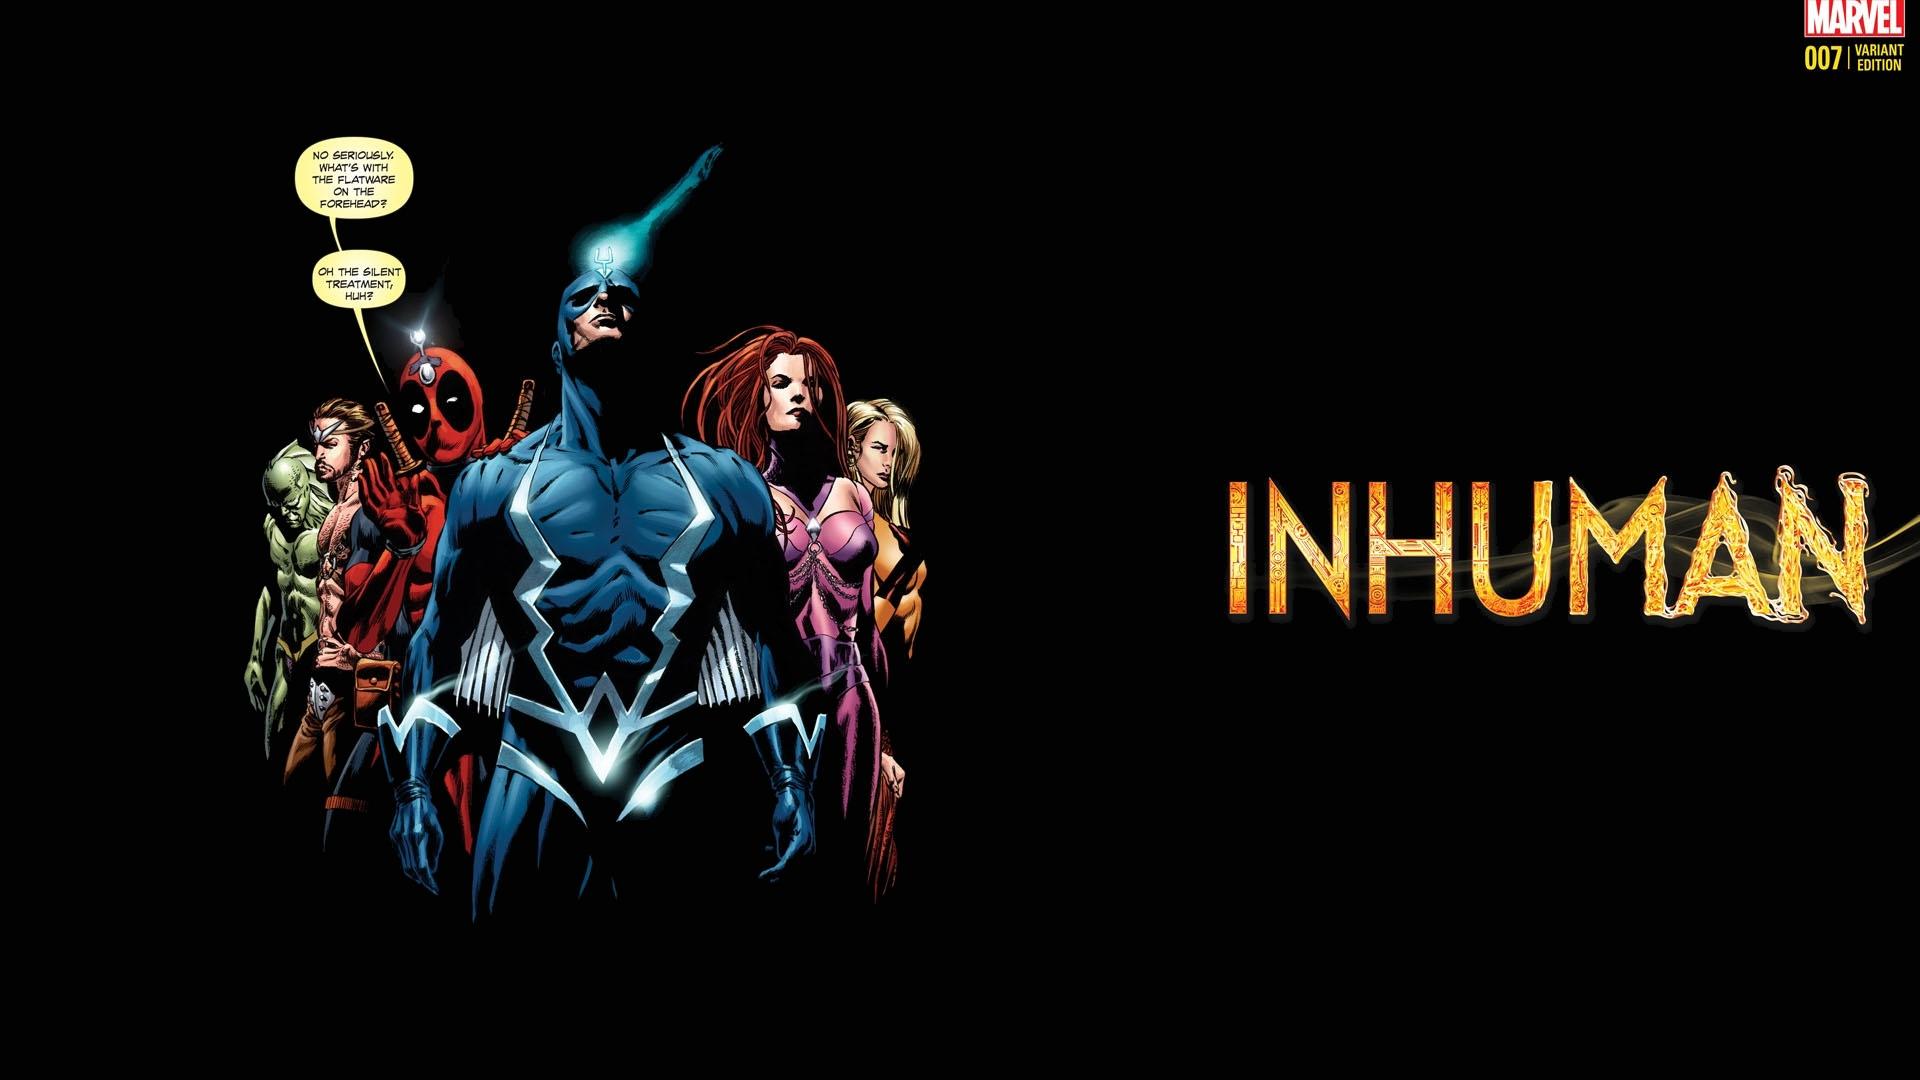 Harley Quinn Wallpaper Hd 5 Inhuman Hd Wallpapers Backgrounds Wallpaper Abyss